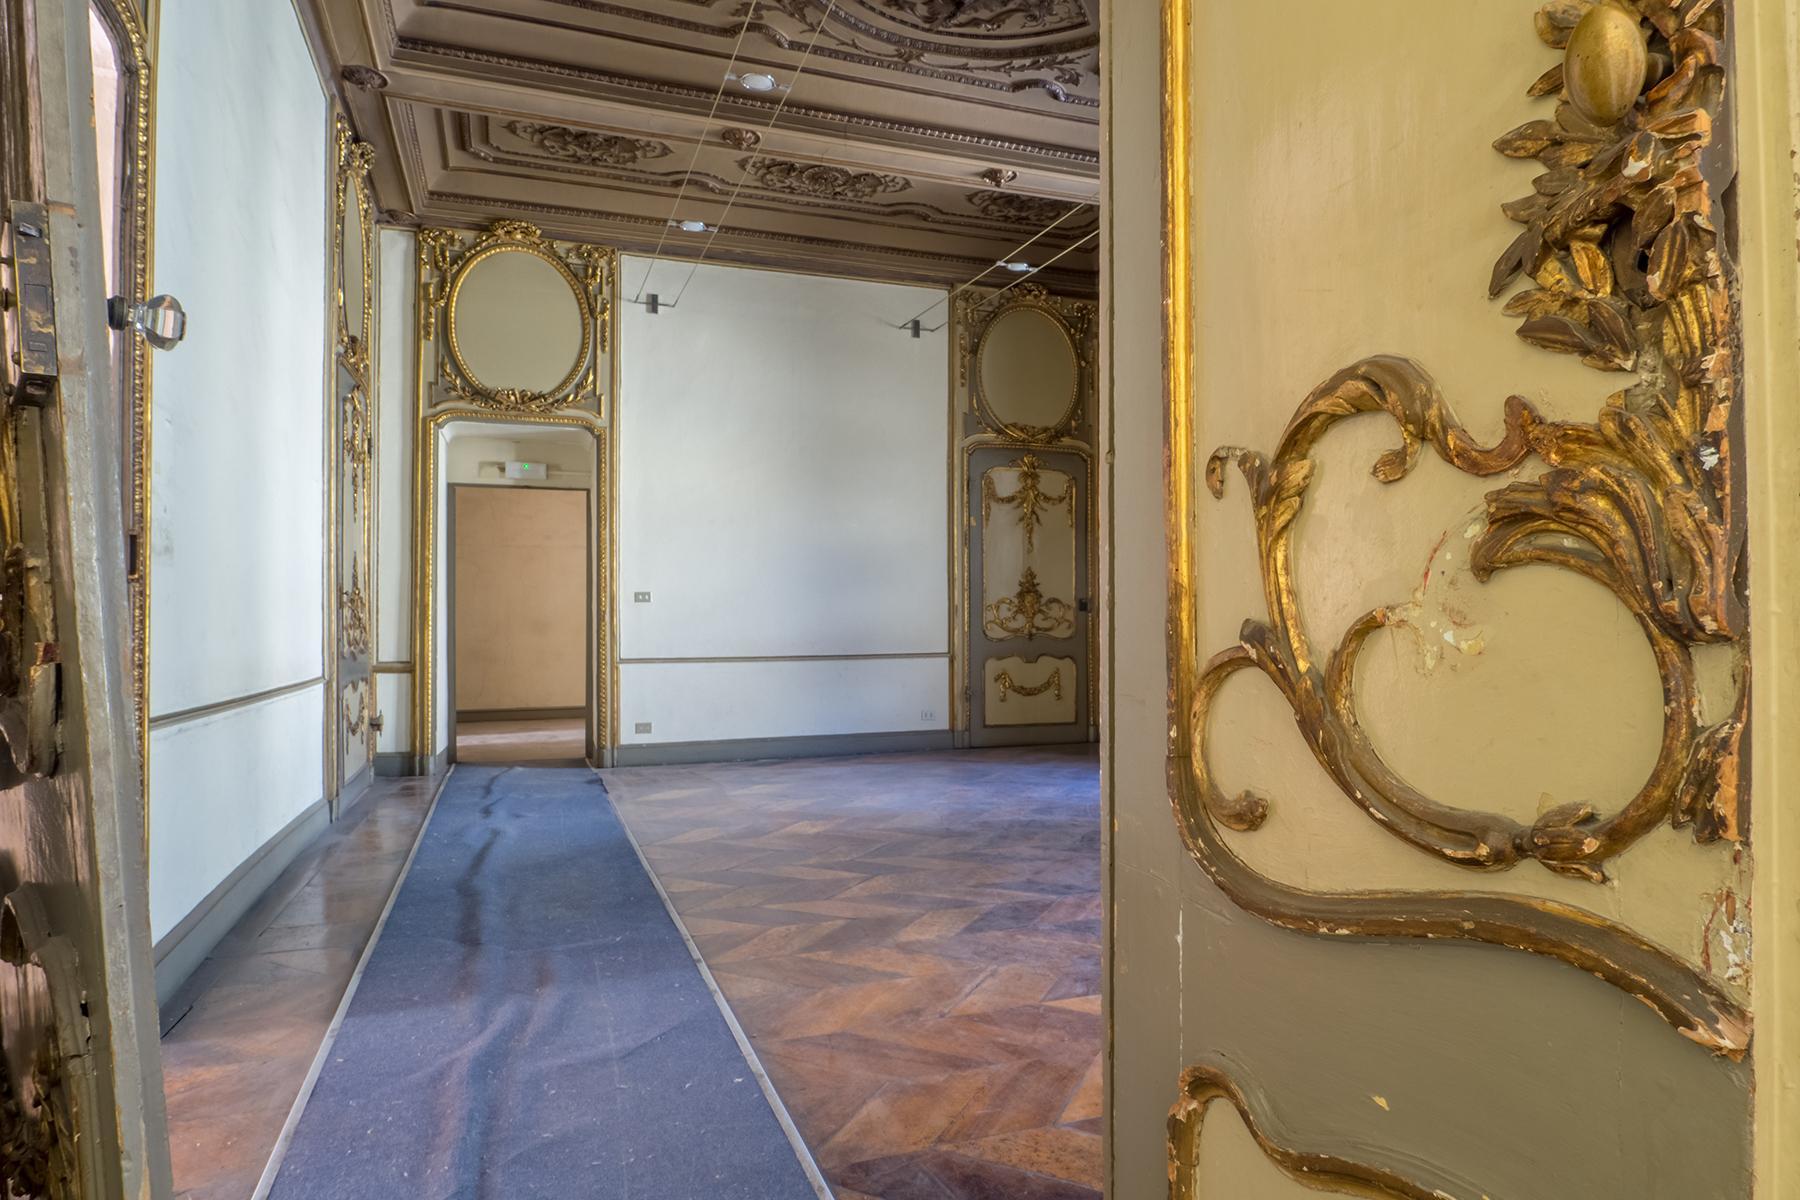 Ufficio di alta rappresentanza nel centro storico di Torino - 4